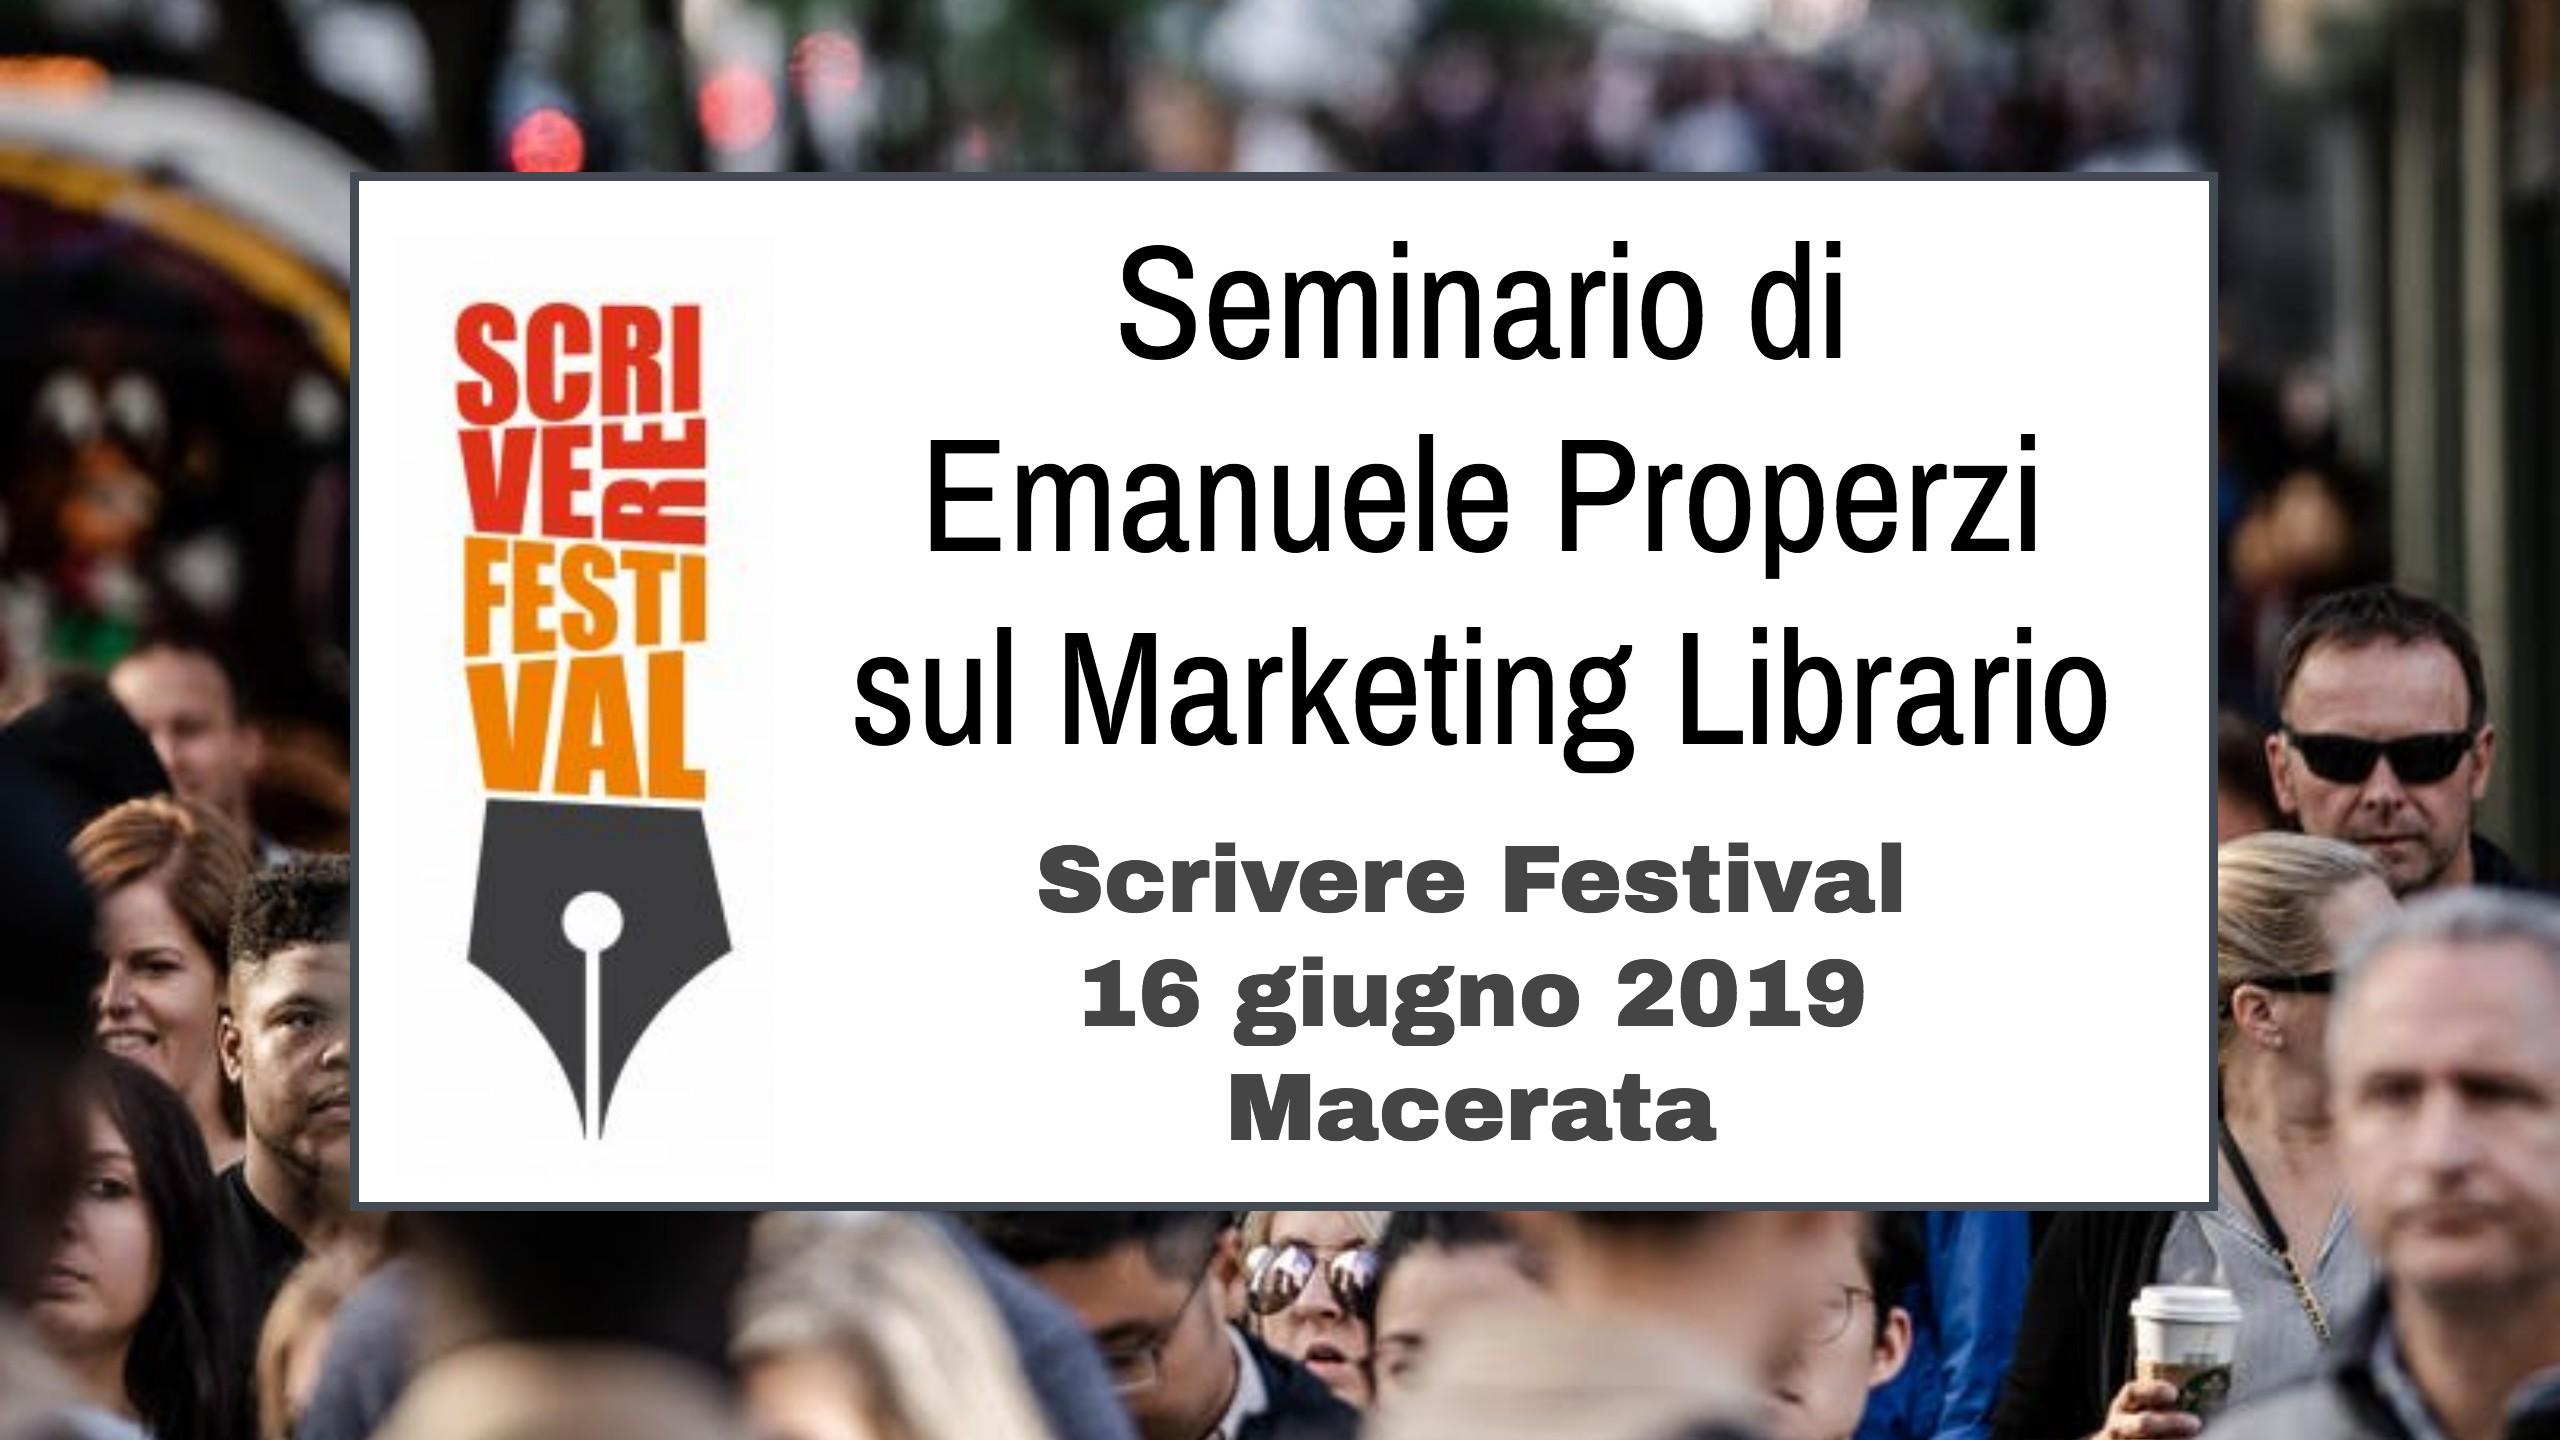 Seminario di Emanuele Properzi allo Scrivere Festival 2019